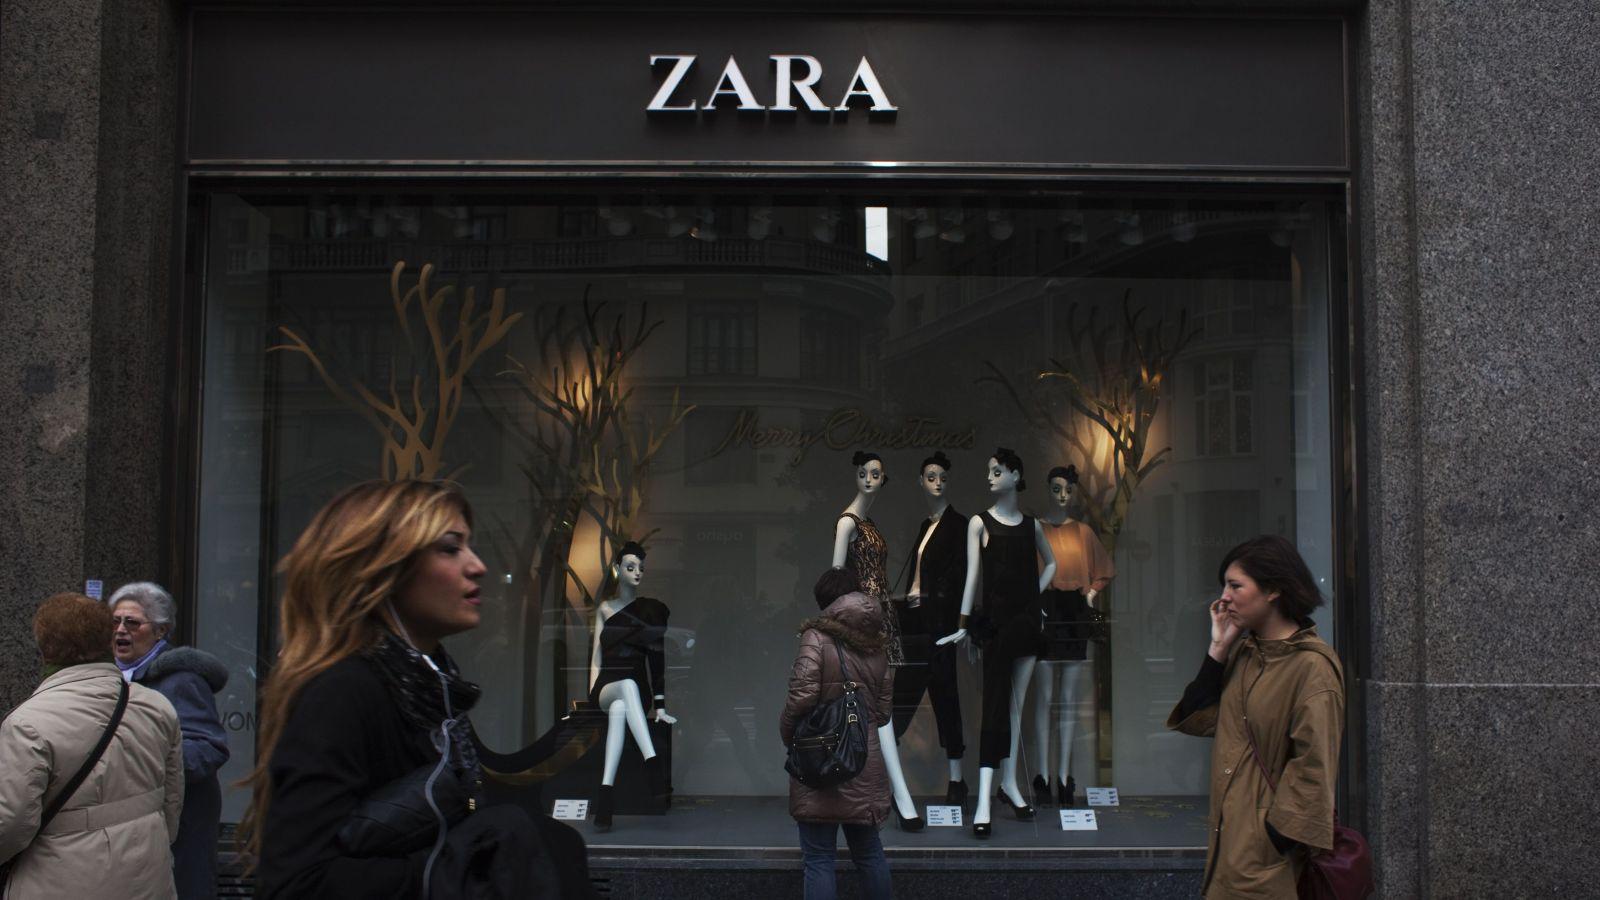 一的快时尚服装品牌zara的创始人阿曼西奥·奥尔特加(amancioortega)